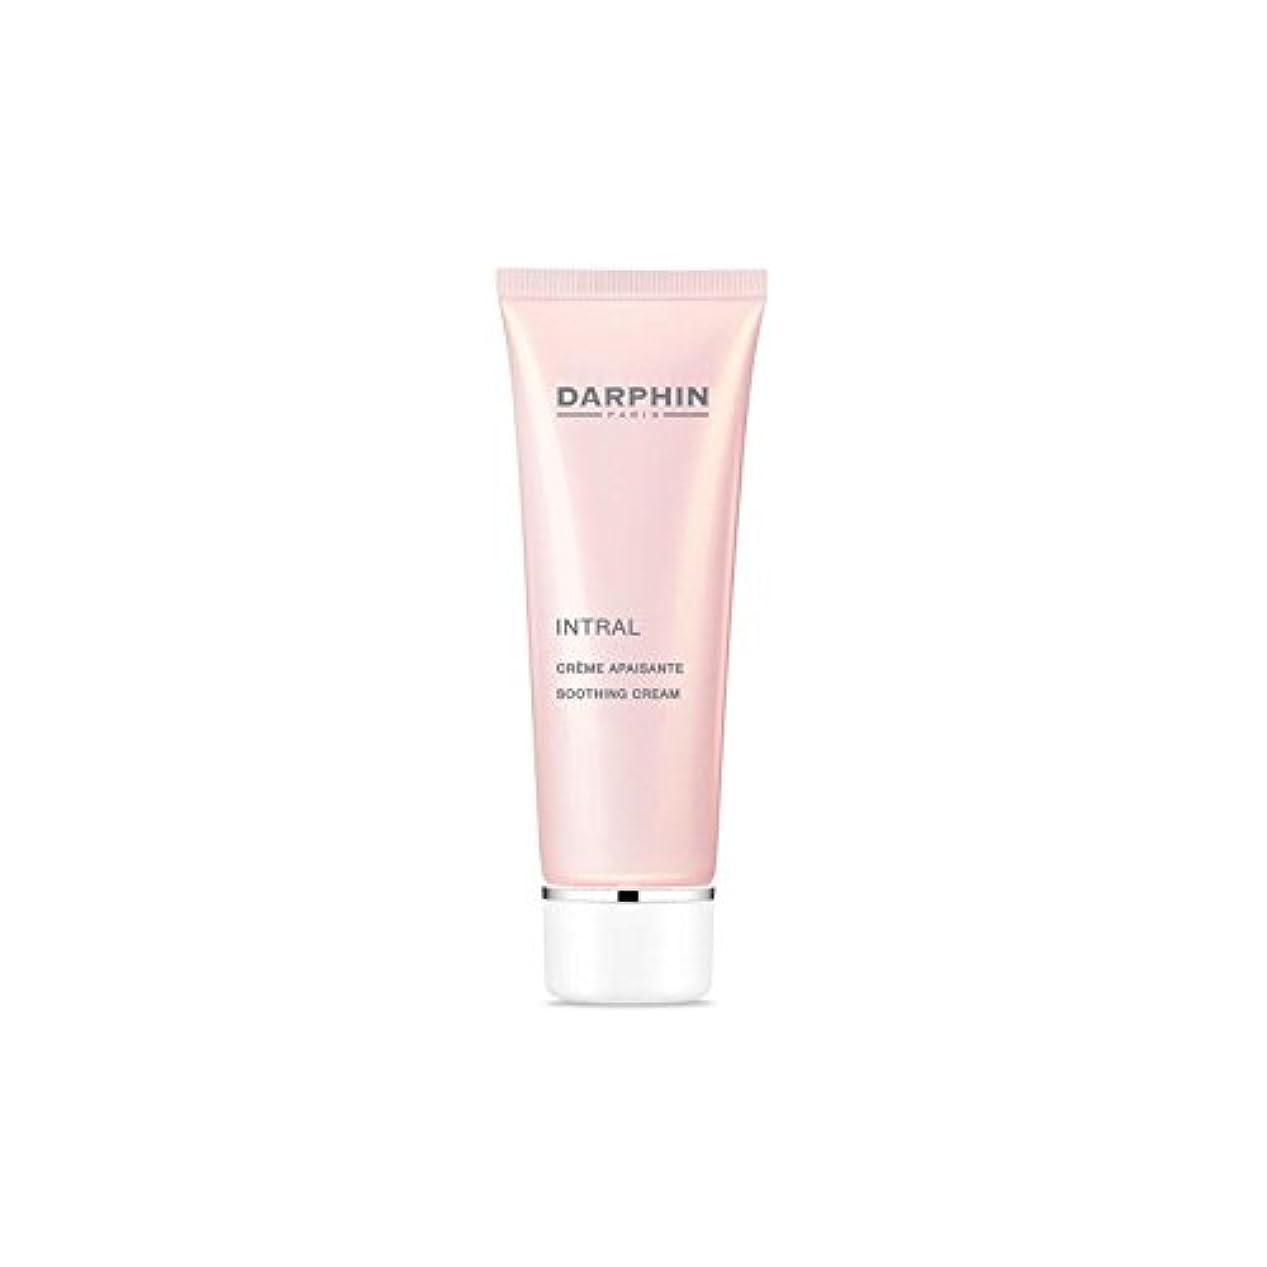 駅遊びます歩き回る不寛容な肌のためのなだめるクリームダルファン x2 - Darphin Intral Soothing Cream For Intolerant Skin (Pack of 2) [並行輸入品]